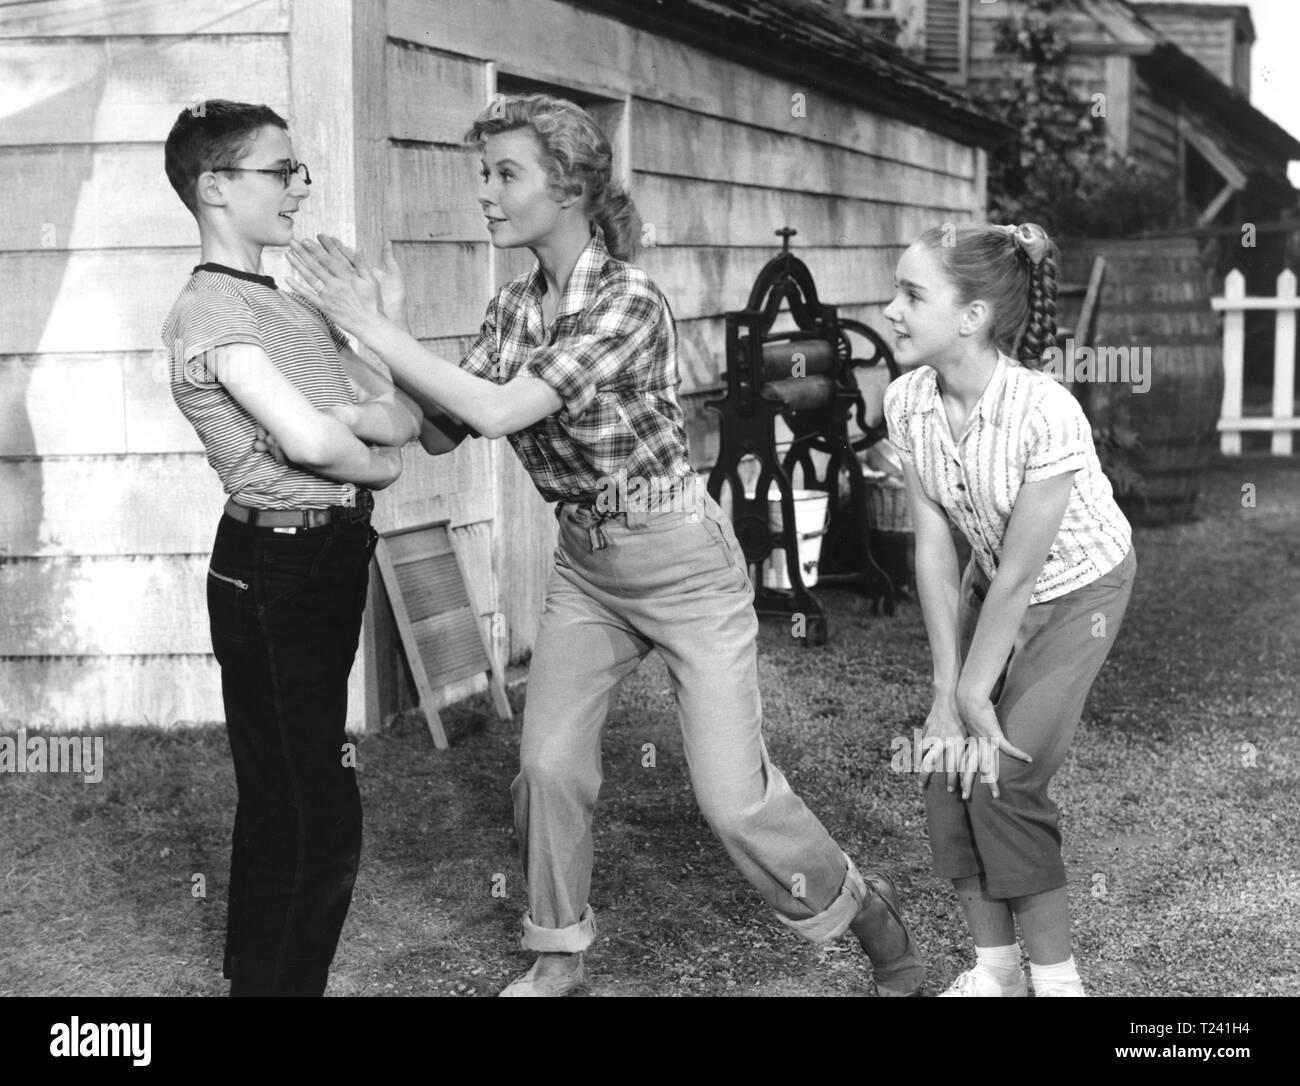 Let's Be Happy (1957) Vera-Ellen Date: 1957 Stock Photo - Alamy